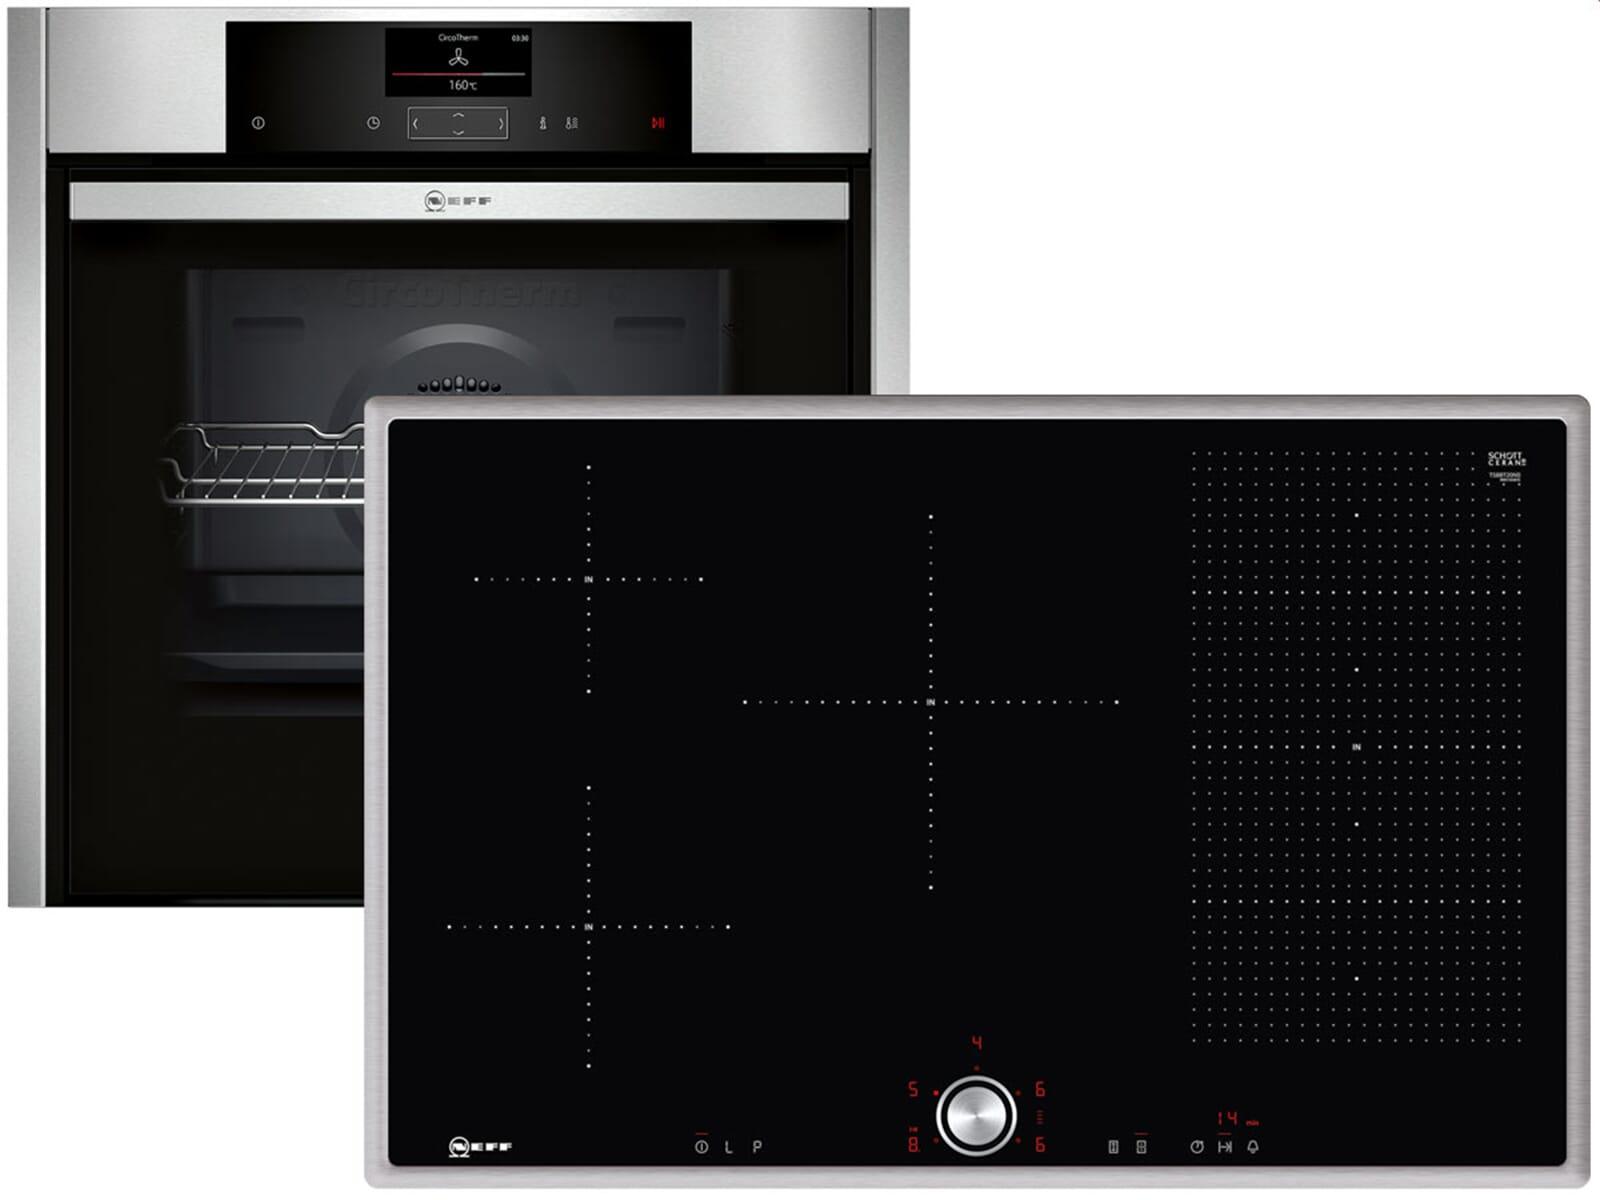 neff sh 8013 set backofen bcs 4524 n induktionskochfeld tbt 5820 n. Black Bedroom Furniture Sets. Home Design Ideas